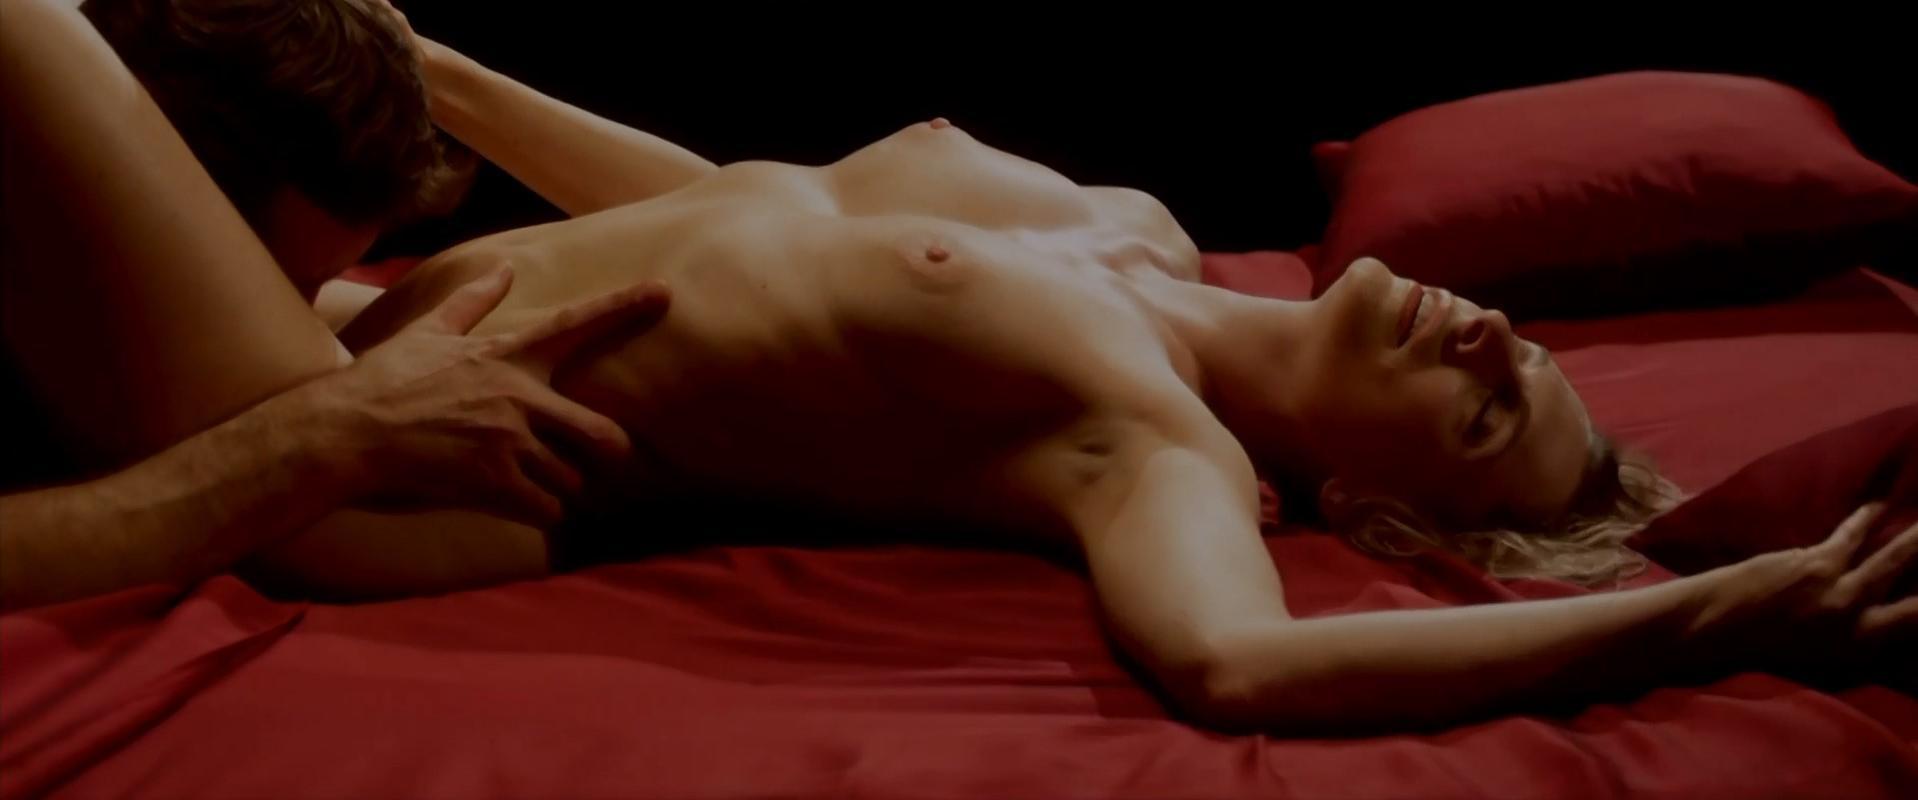 veronique nude